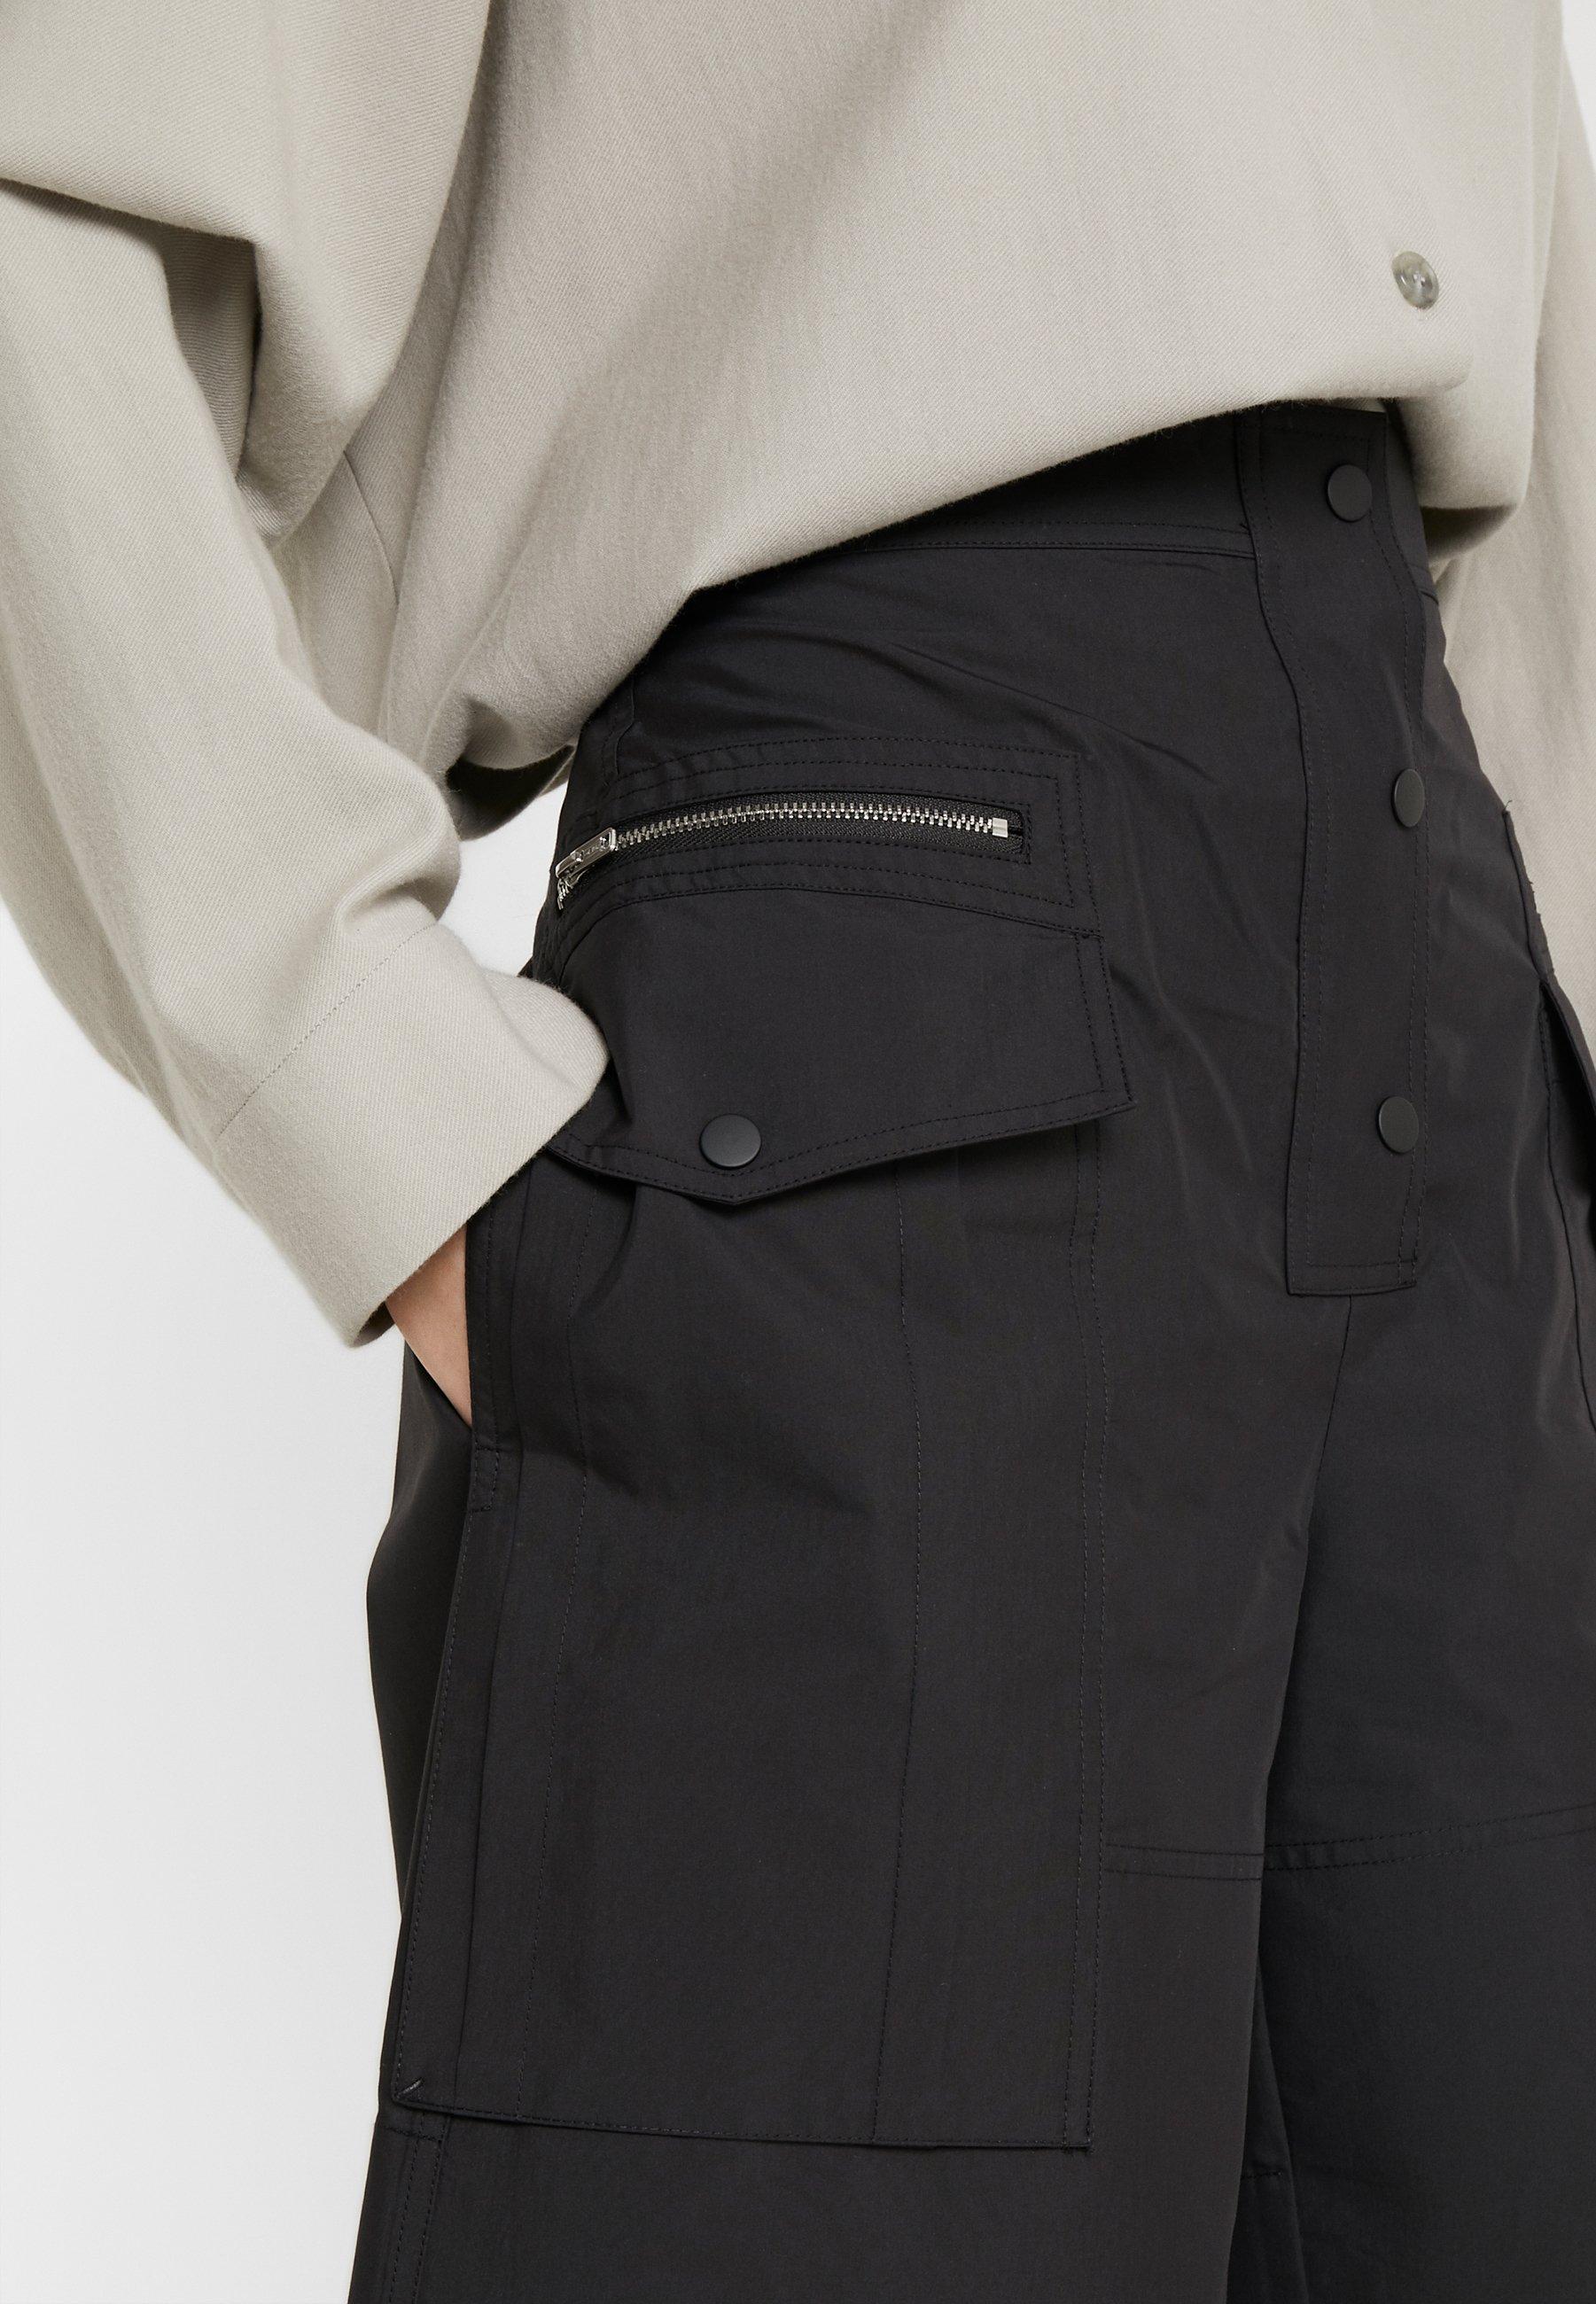 3.1 Phillip Lim Cargo Short - Black